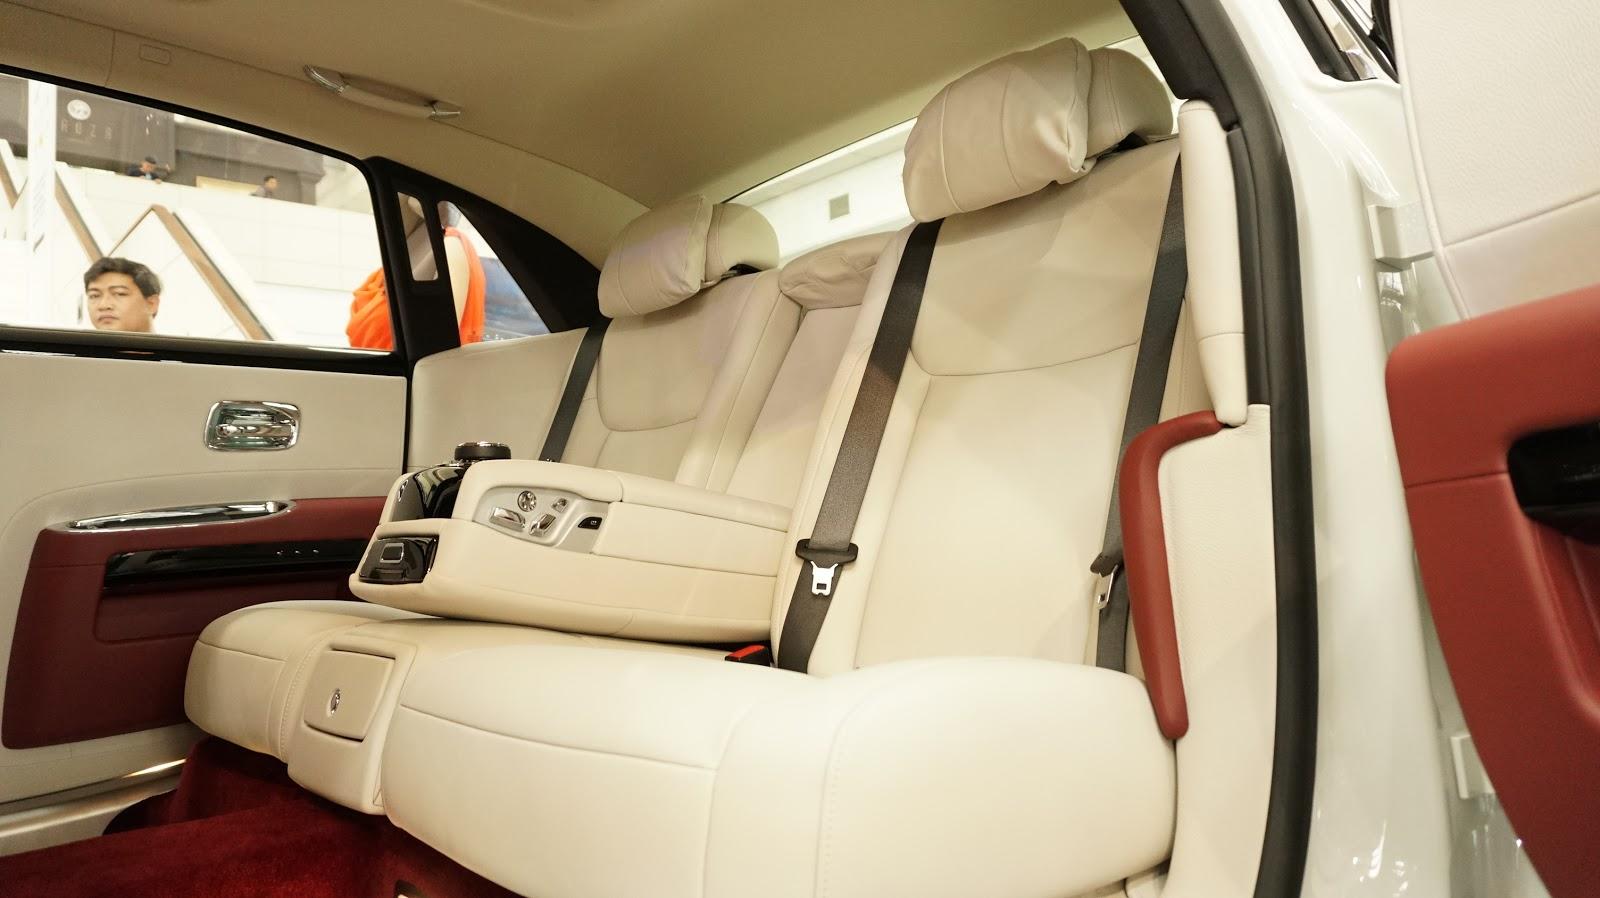 Hàng ghế thứ hai là hàng ghế cao cấp nhất của xe, nhưng nhưng mang lại sự thoải mái nhất